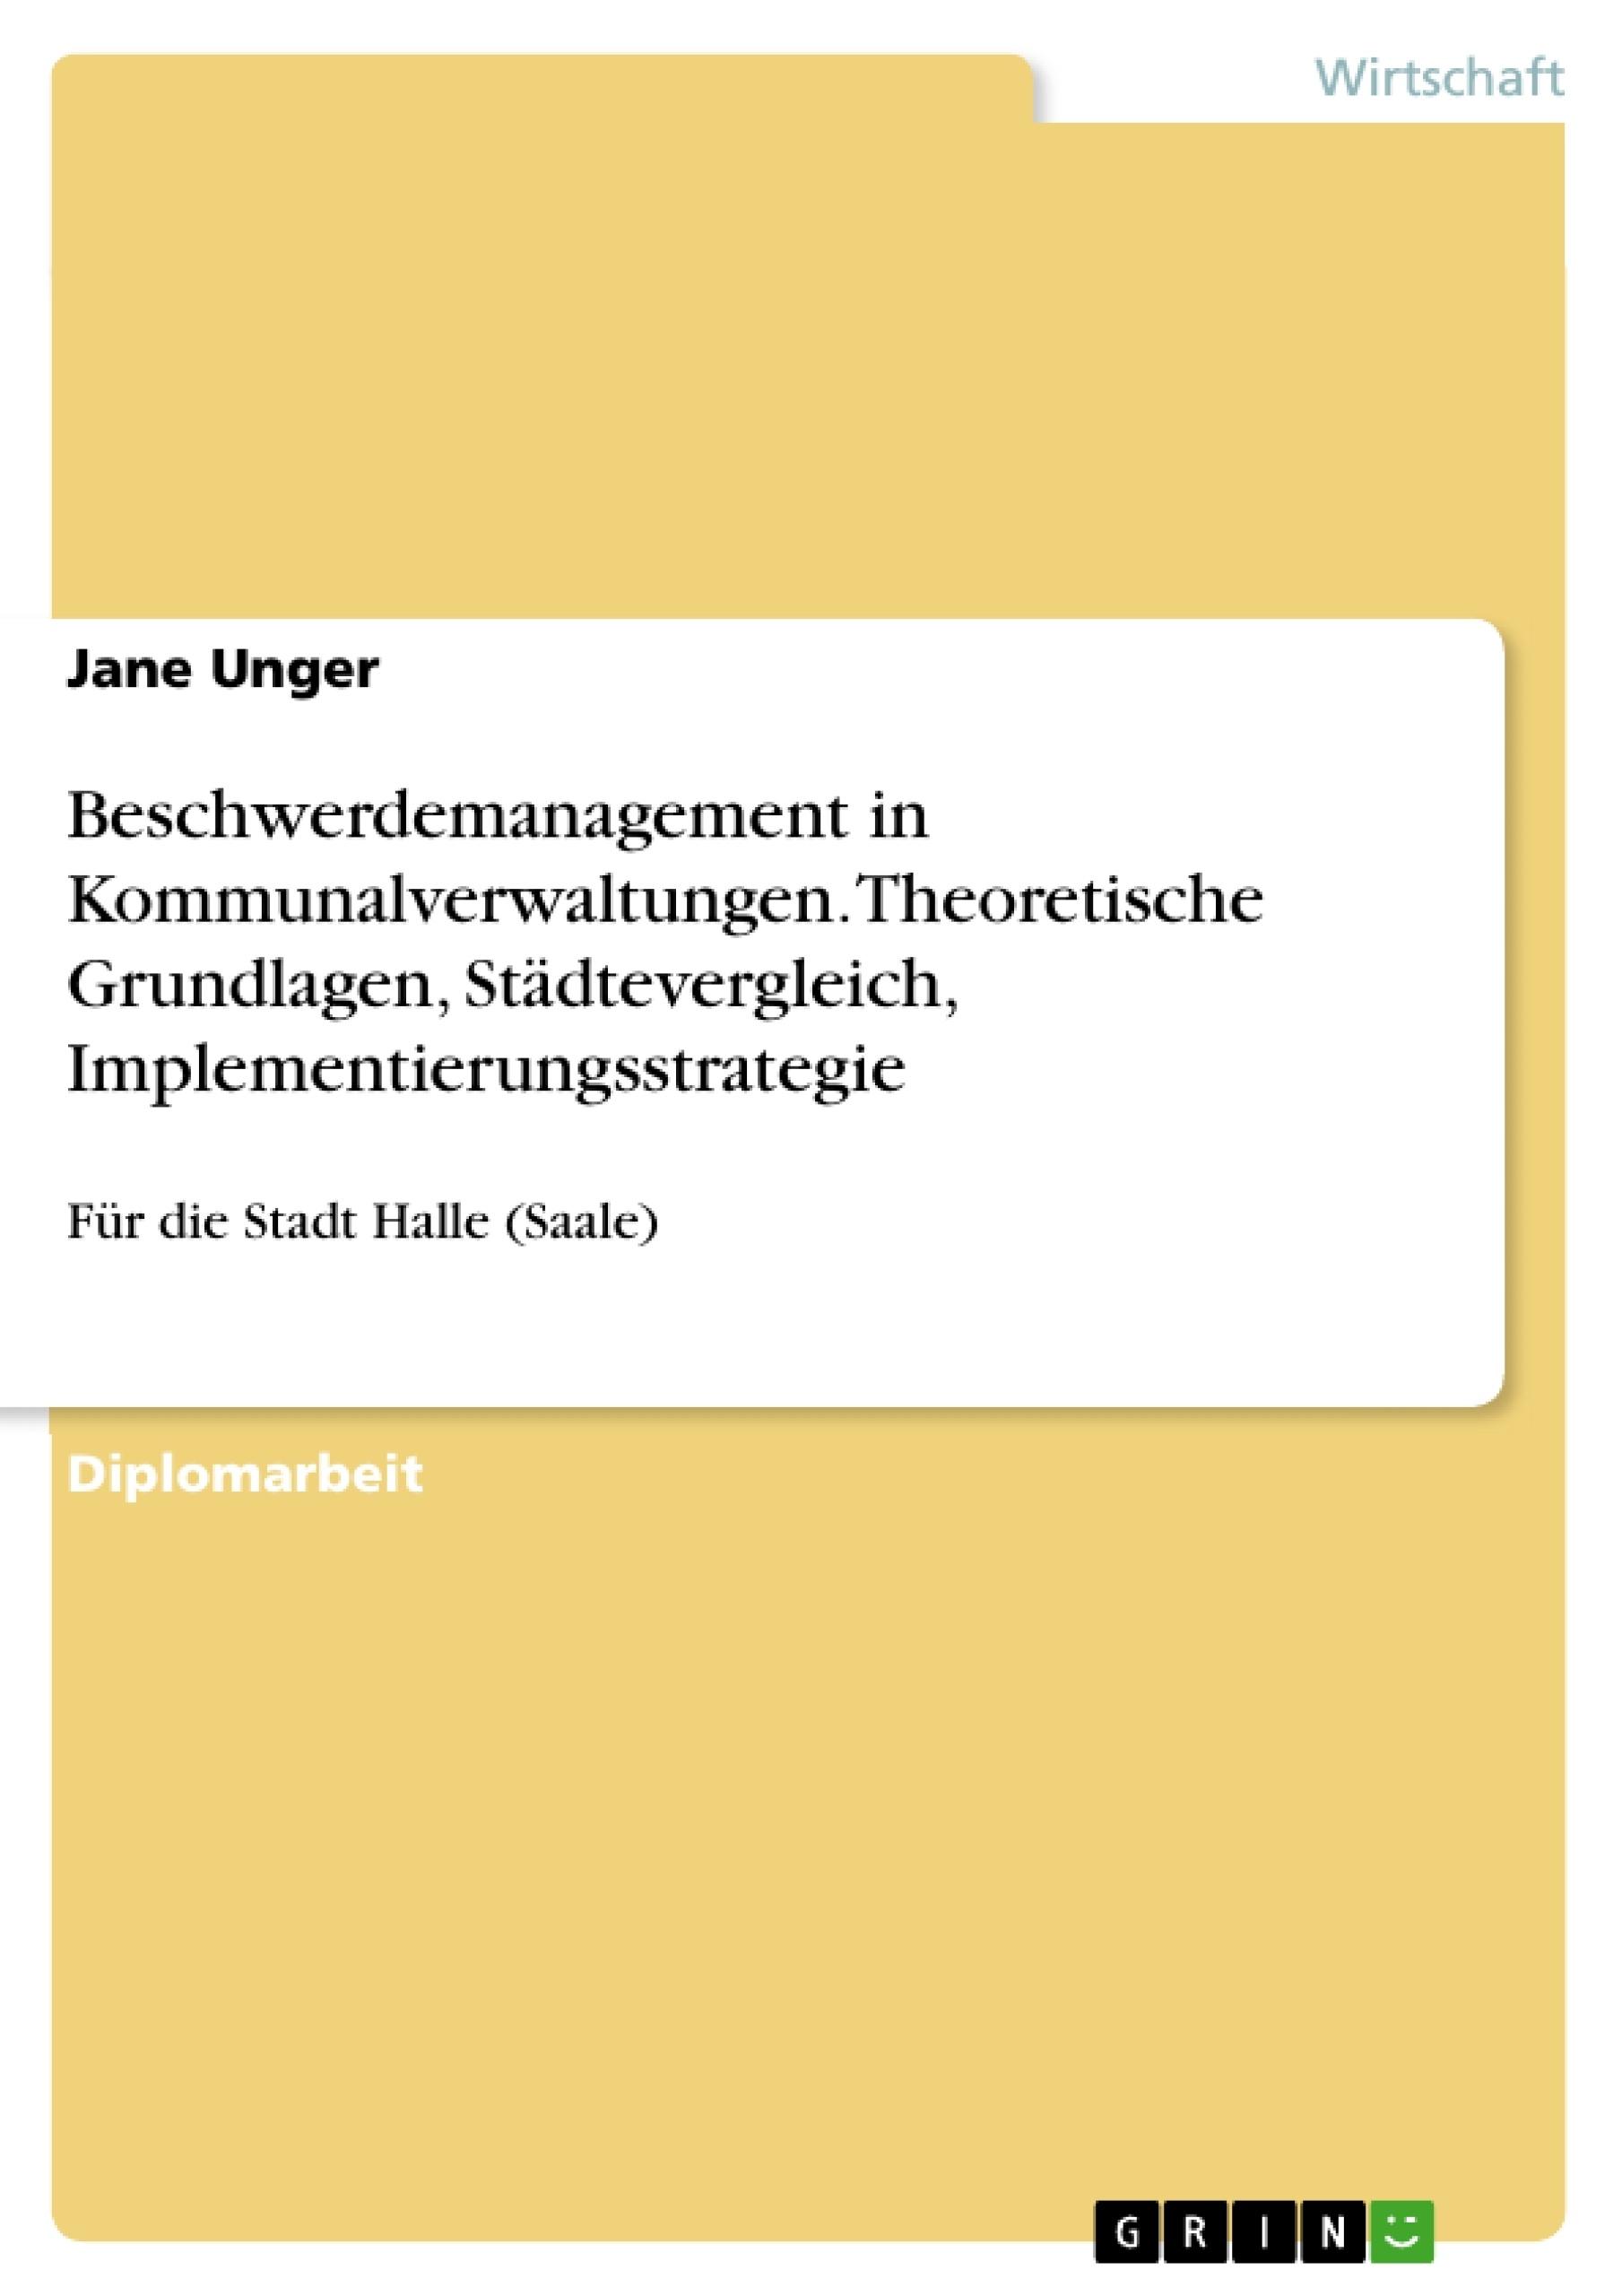 Titel: Beschwerdemanagement in Kommunalverwaltungen. Theoretische Grundlagen, Städtevergleich, Implementierungsstrategie